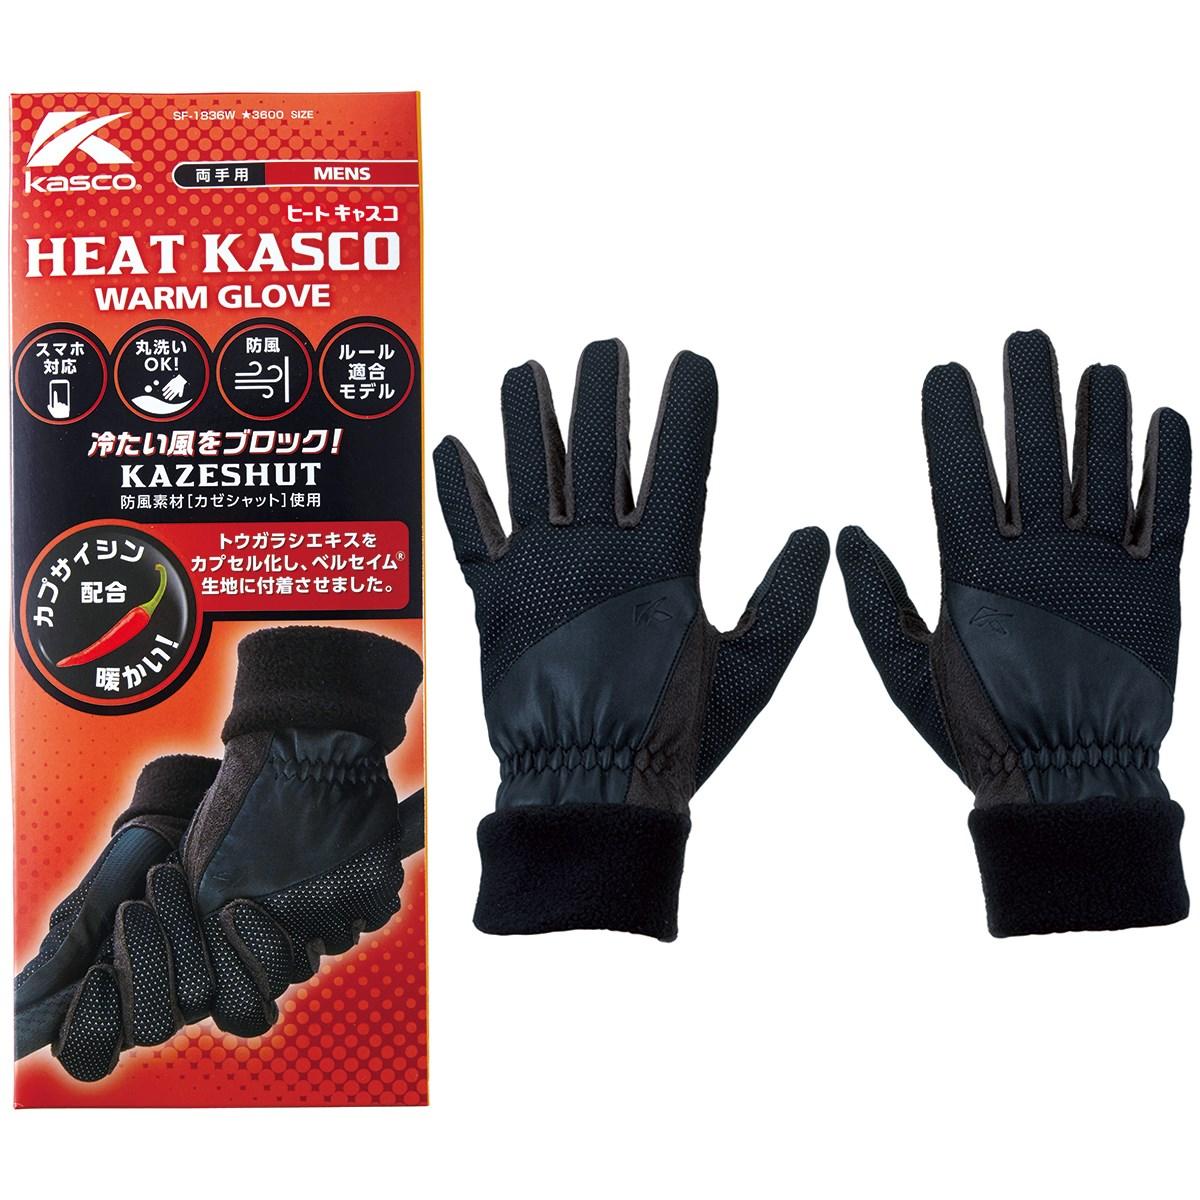 キャスコ KASCO ヒートキャスコ グローブ 両手用 M 両手用 ブラック